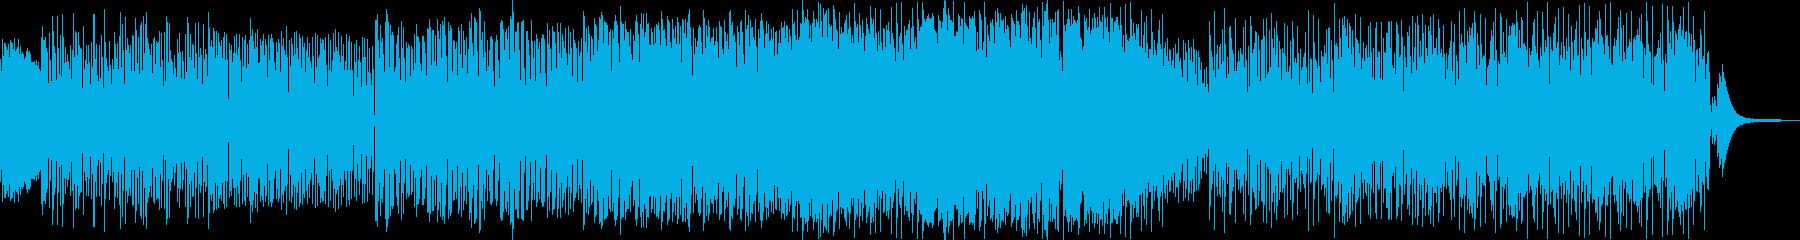 サウンドスケープ用のクールな雰囲気...の再生済みの波形